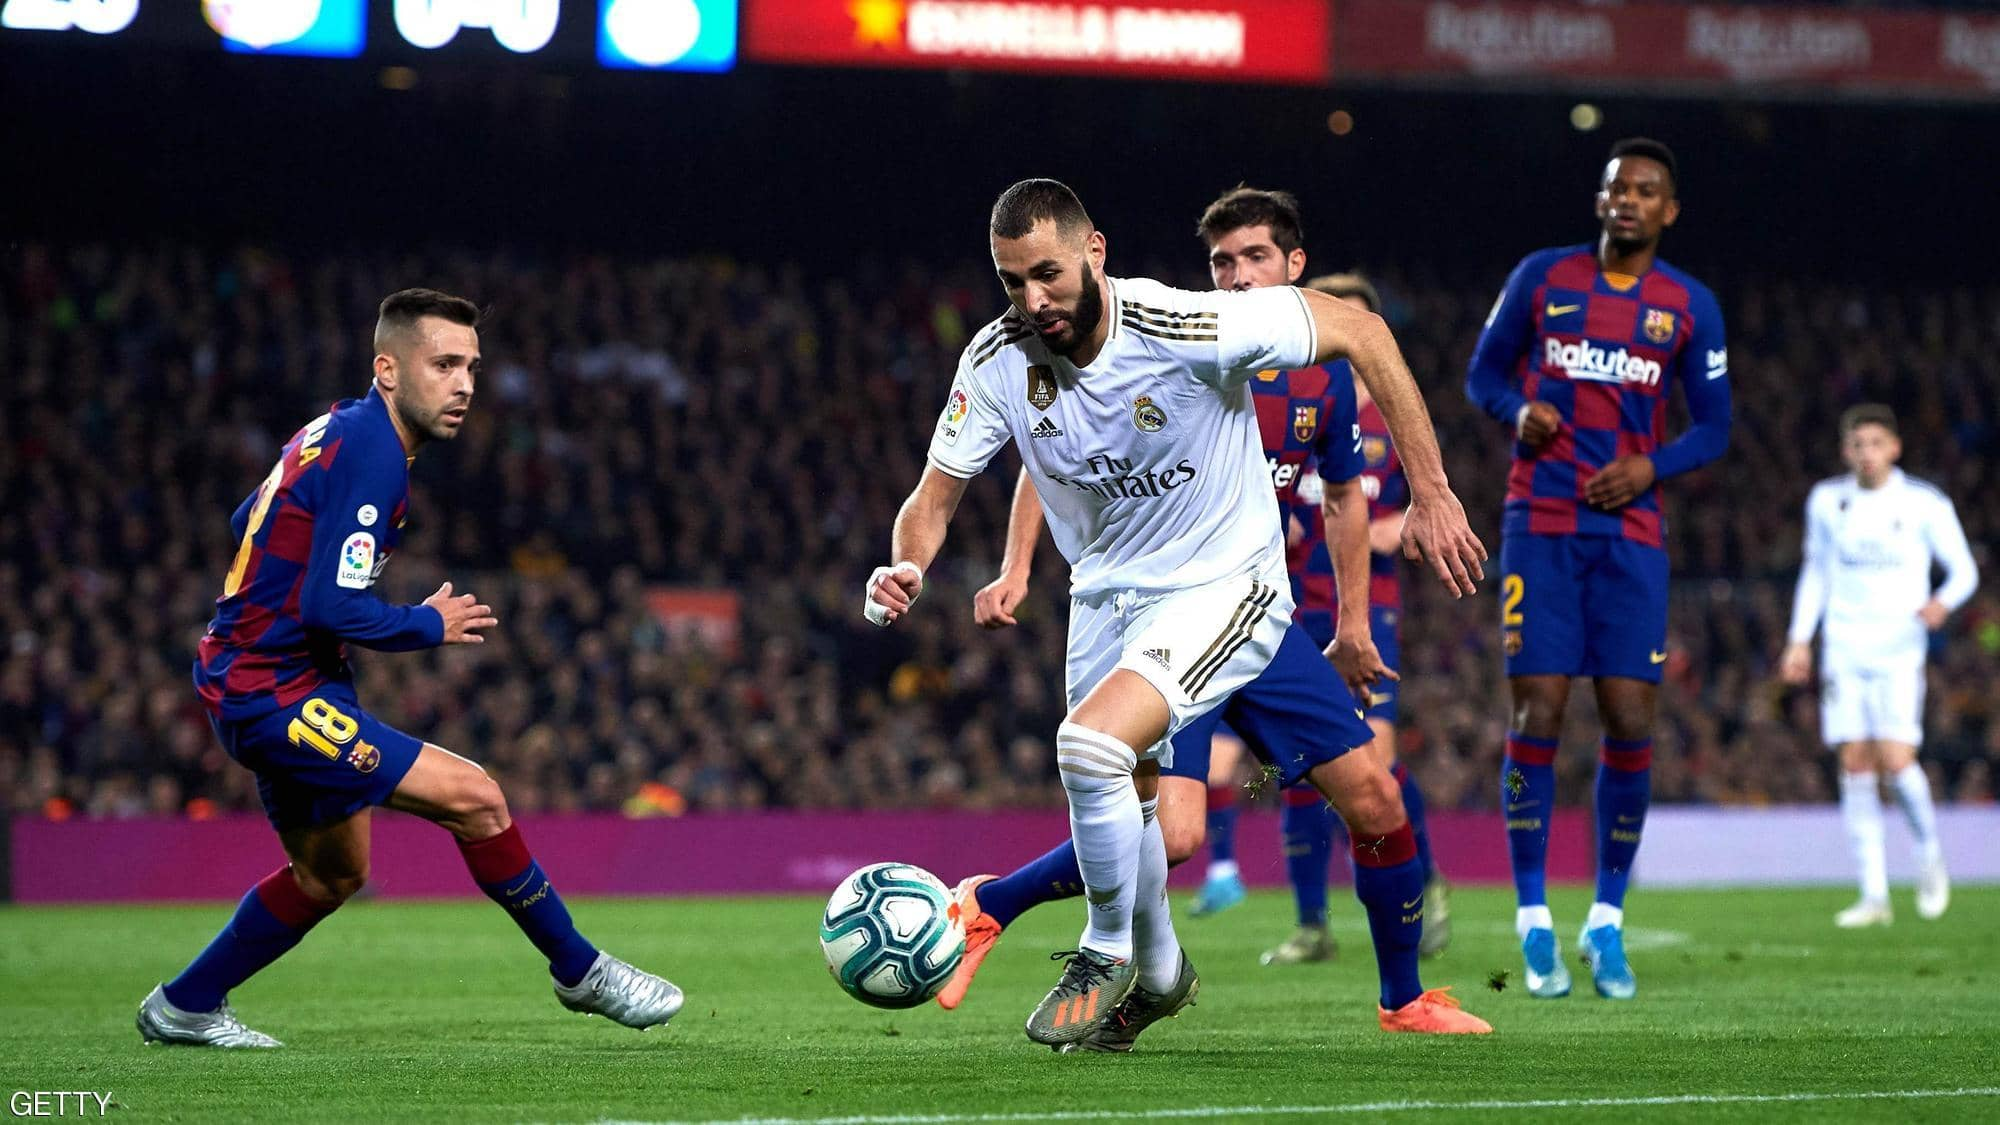 كيف استفاد ريال مدريد وبرشلونة من أزمة كورونا؟